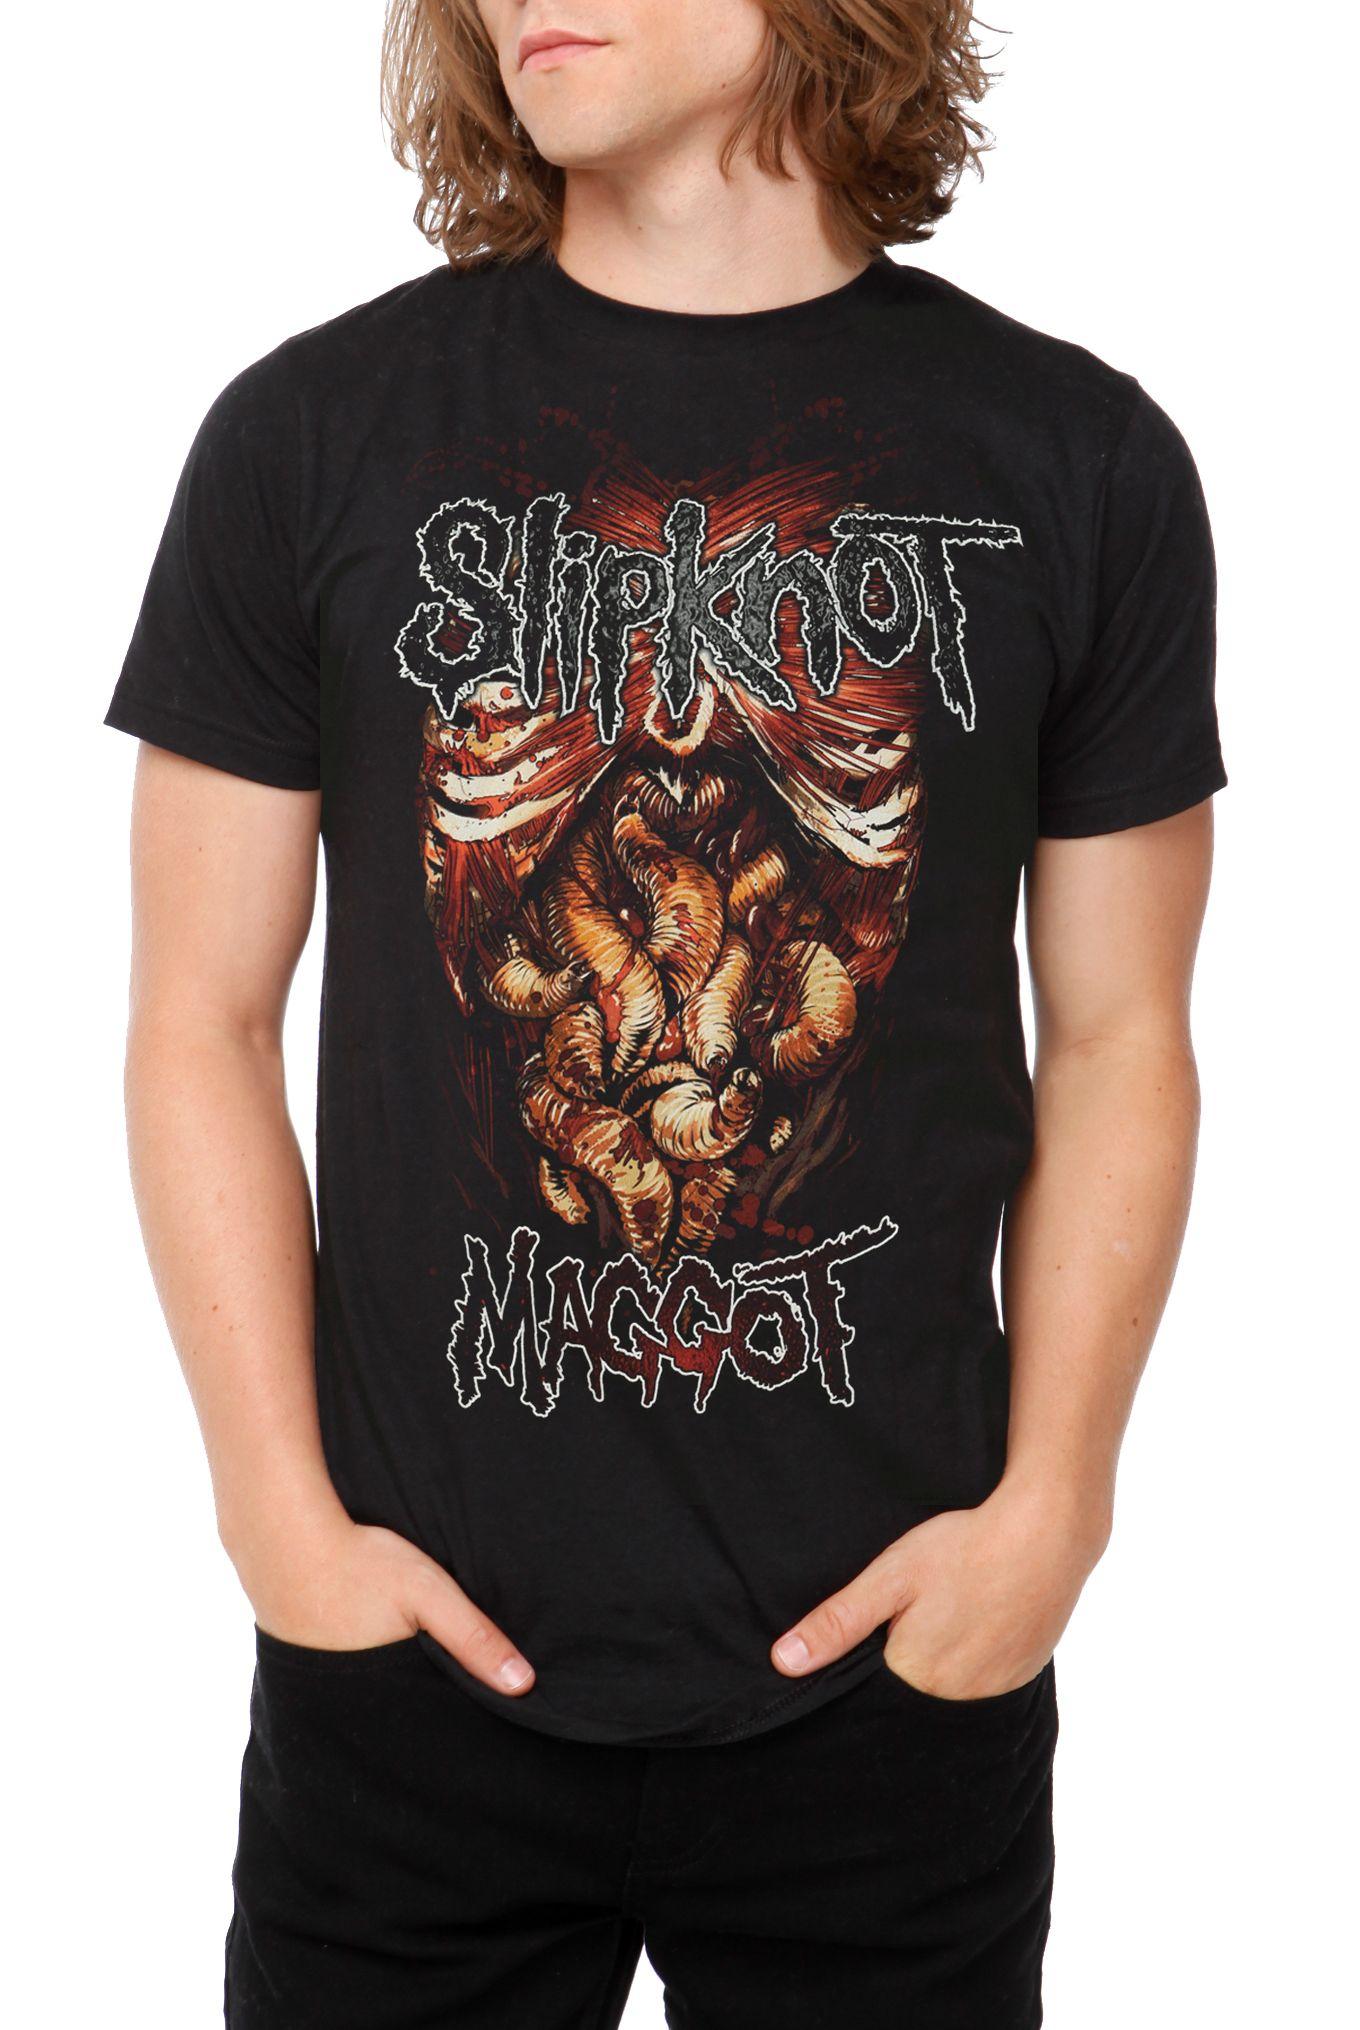 9d54d818b4ae Slipknot Maggot T-Shirt   Hot Topic   slipknot   Shirts, Slipknot ...